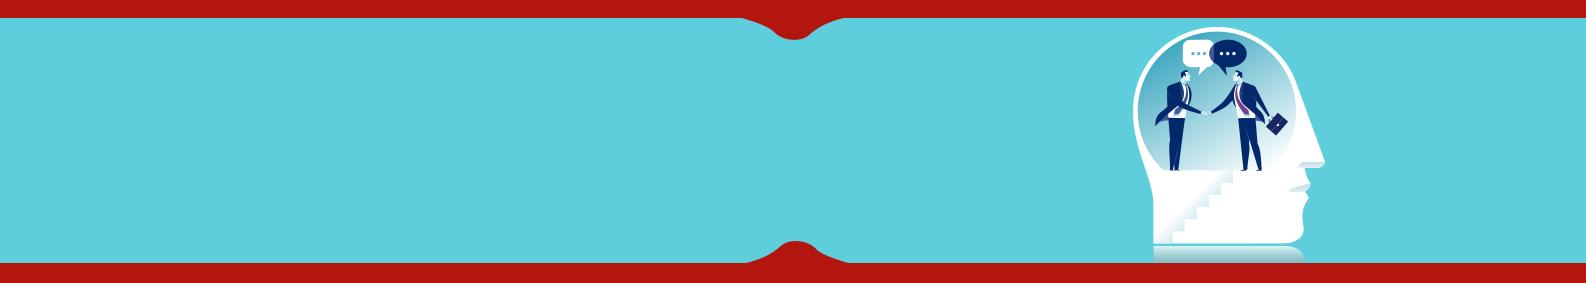 bandeau-particulier